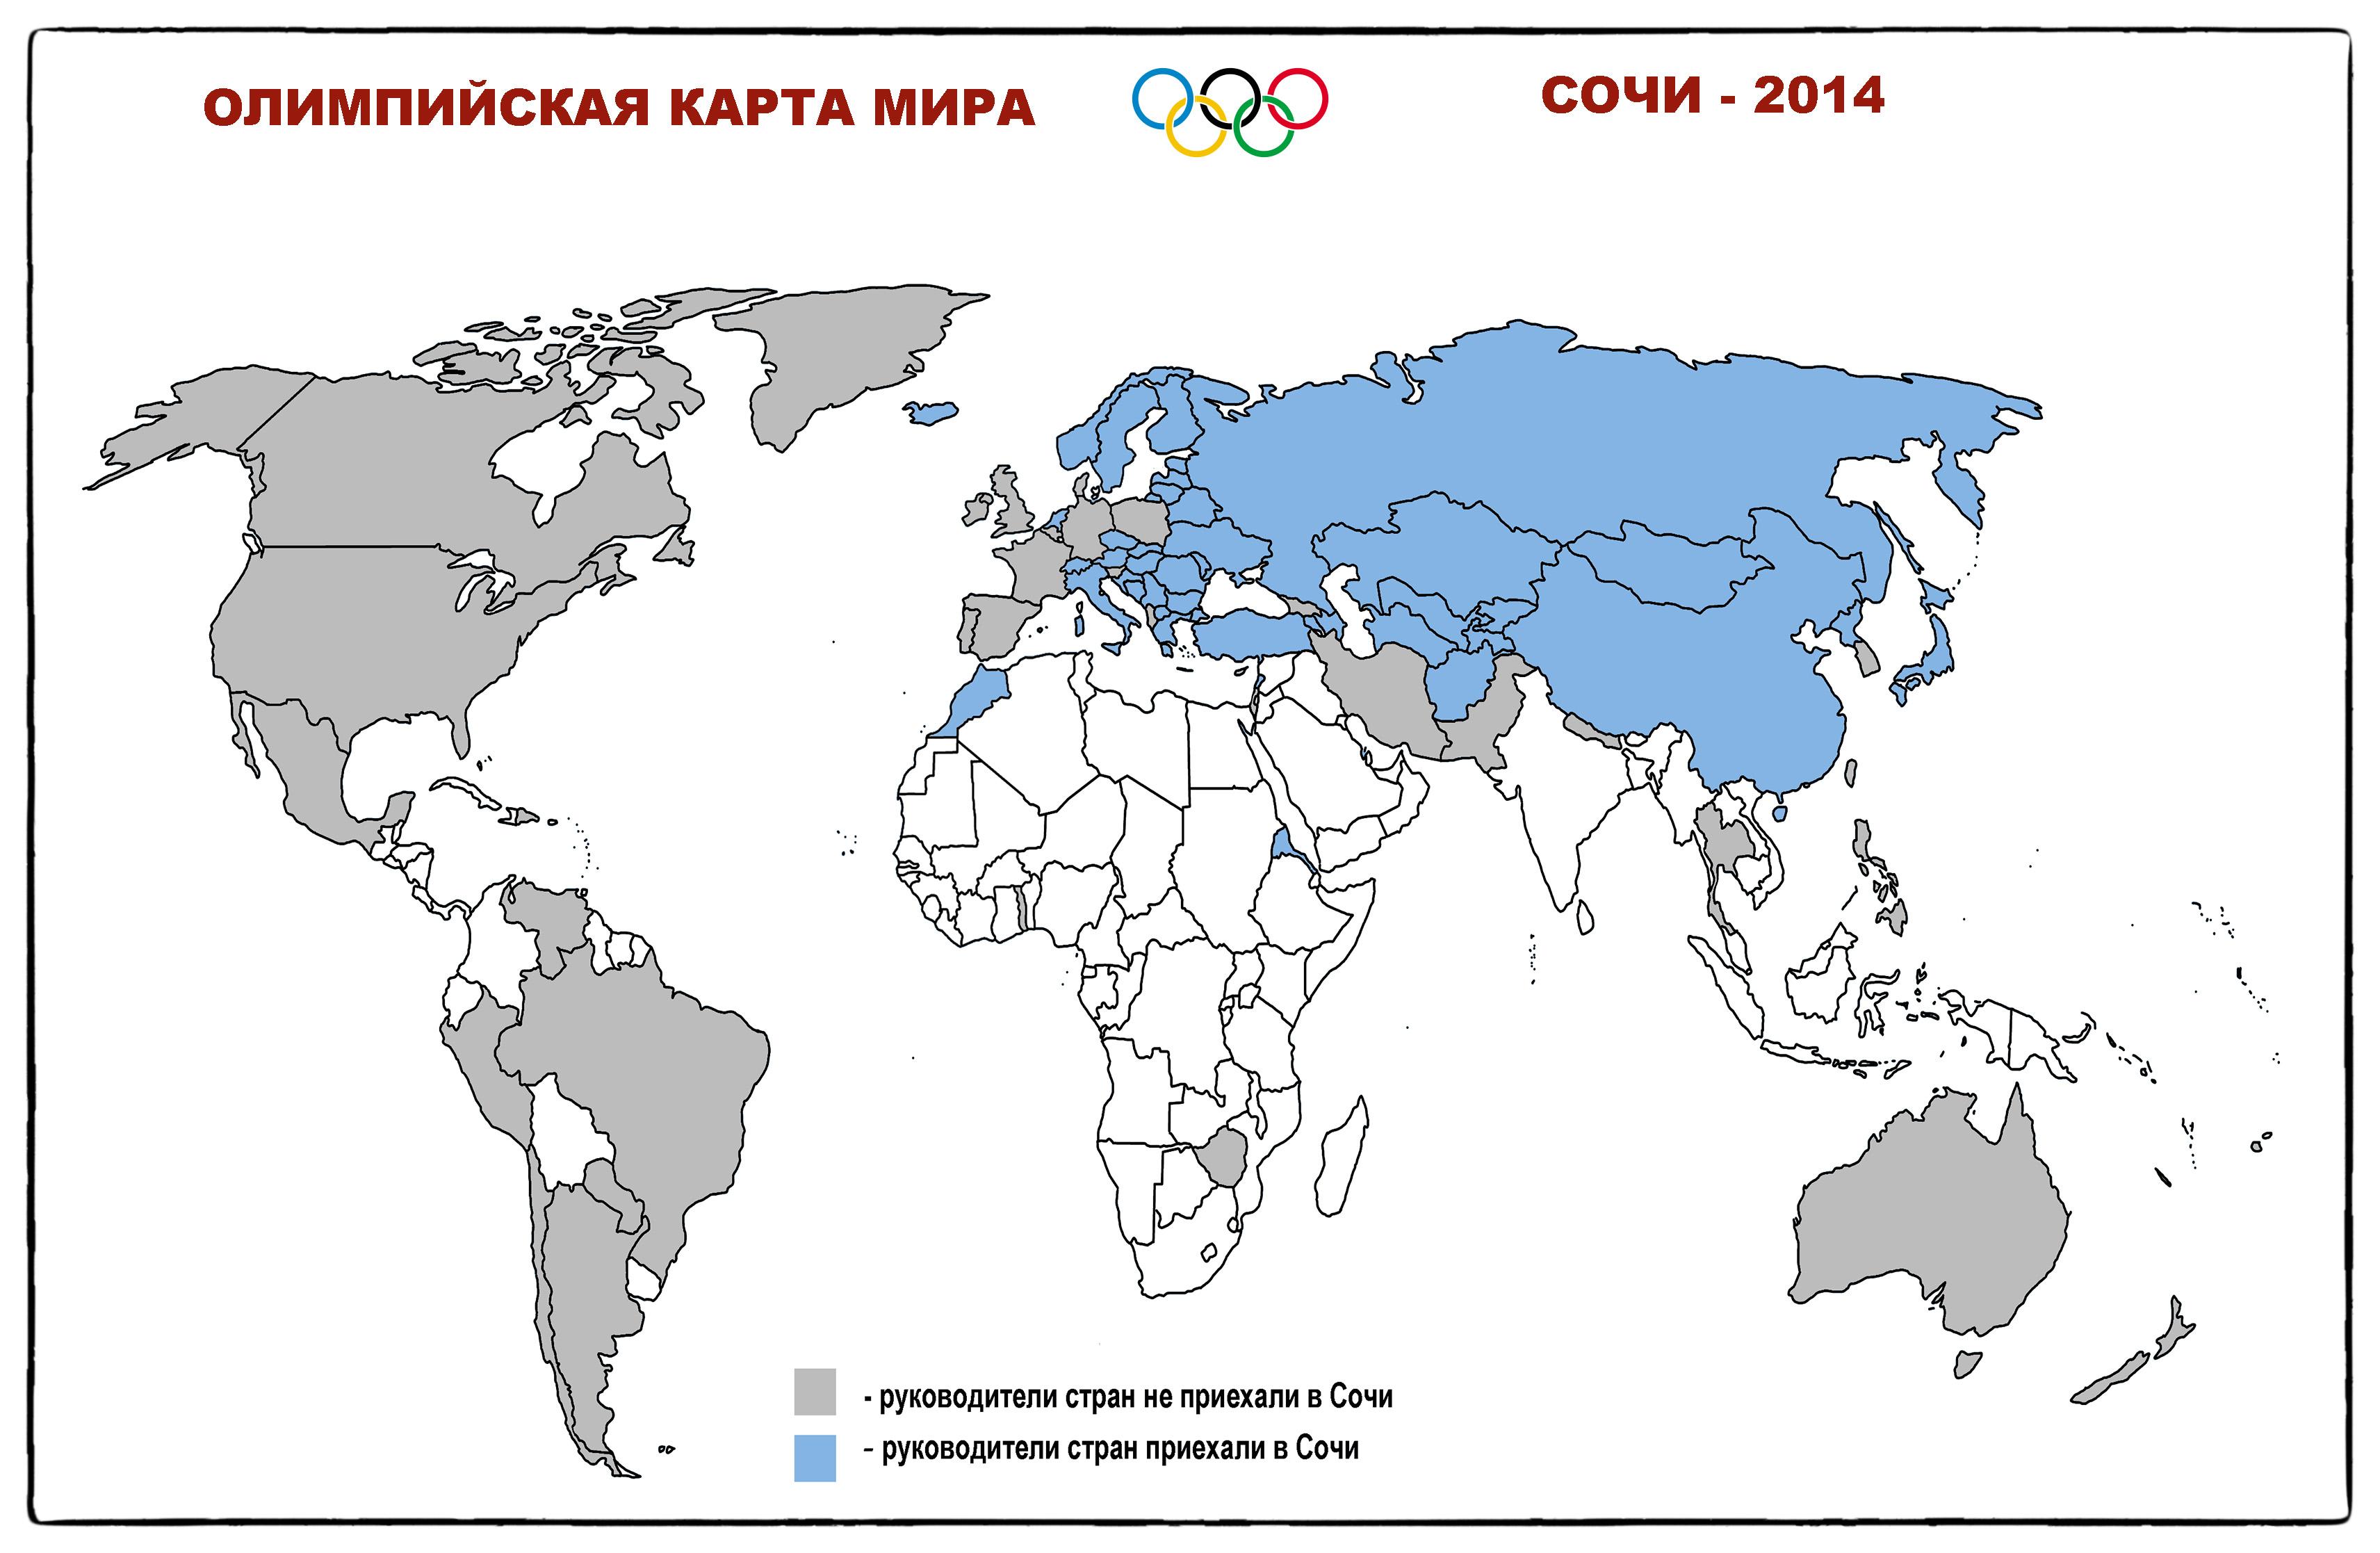 Олимпийская карта мира. Сочи. 2014